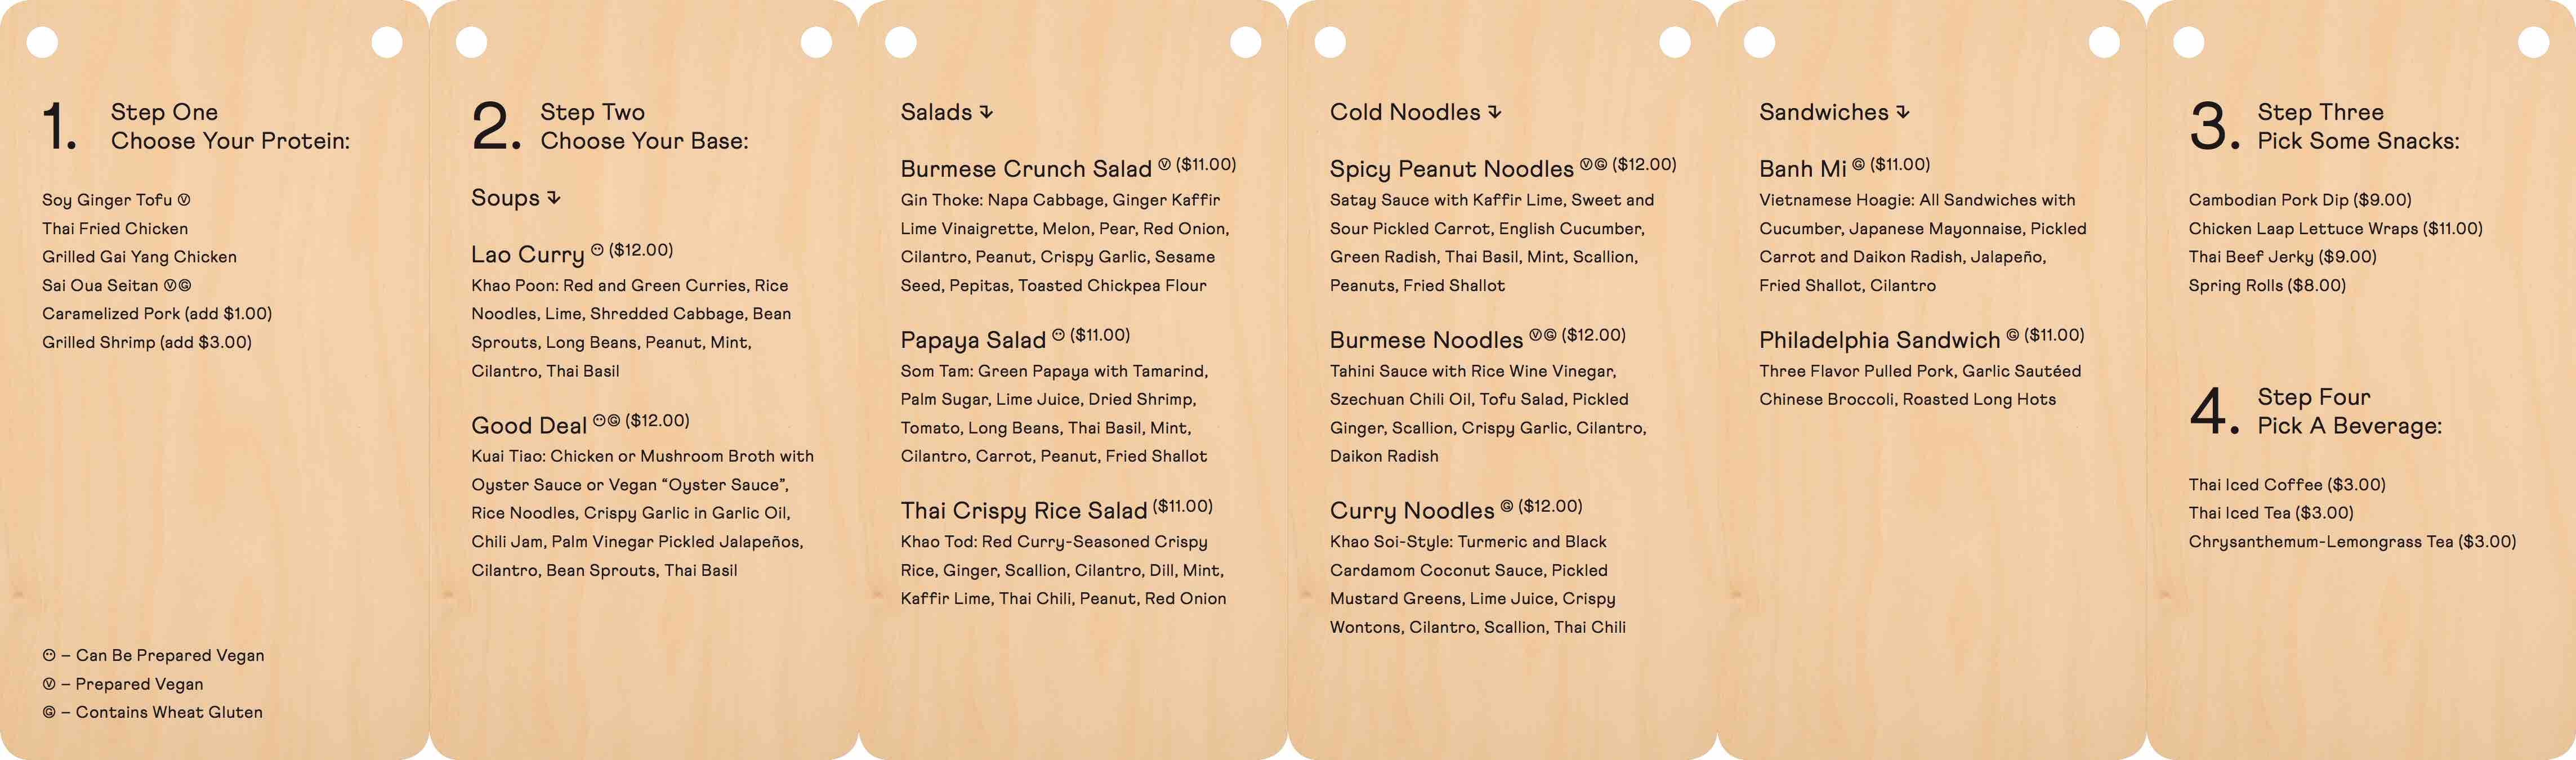 stock rittenhouse menu